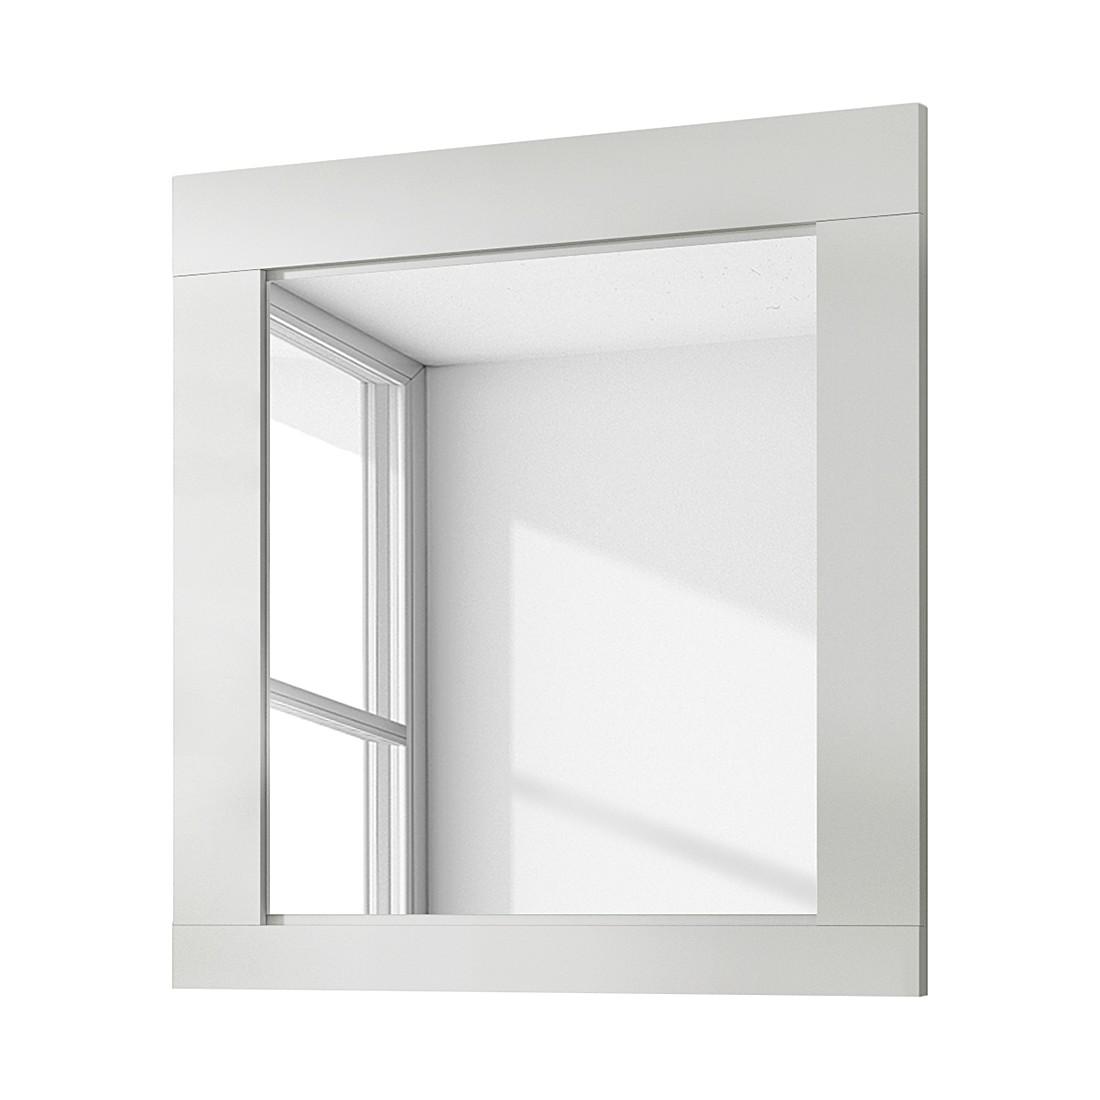 Garderobenspiegel Cast II – Weiß/White Kiefer Dekor, Modoform online bestellen